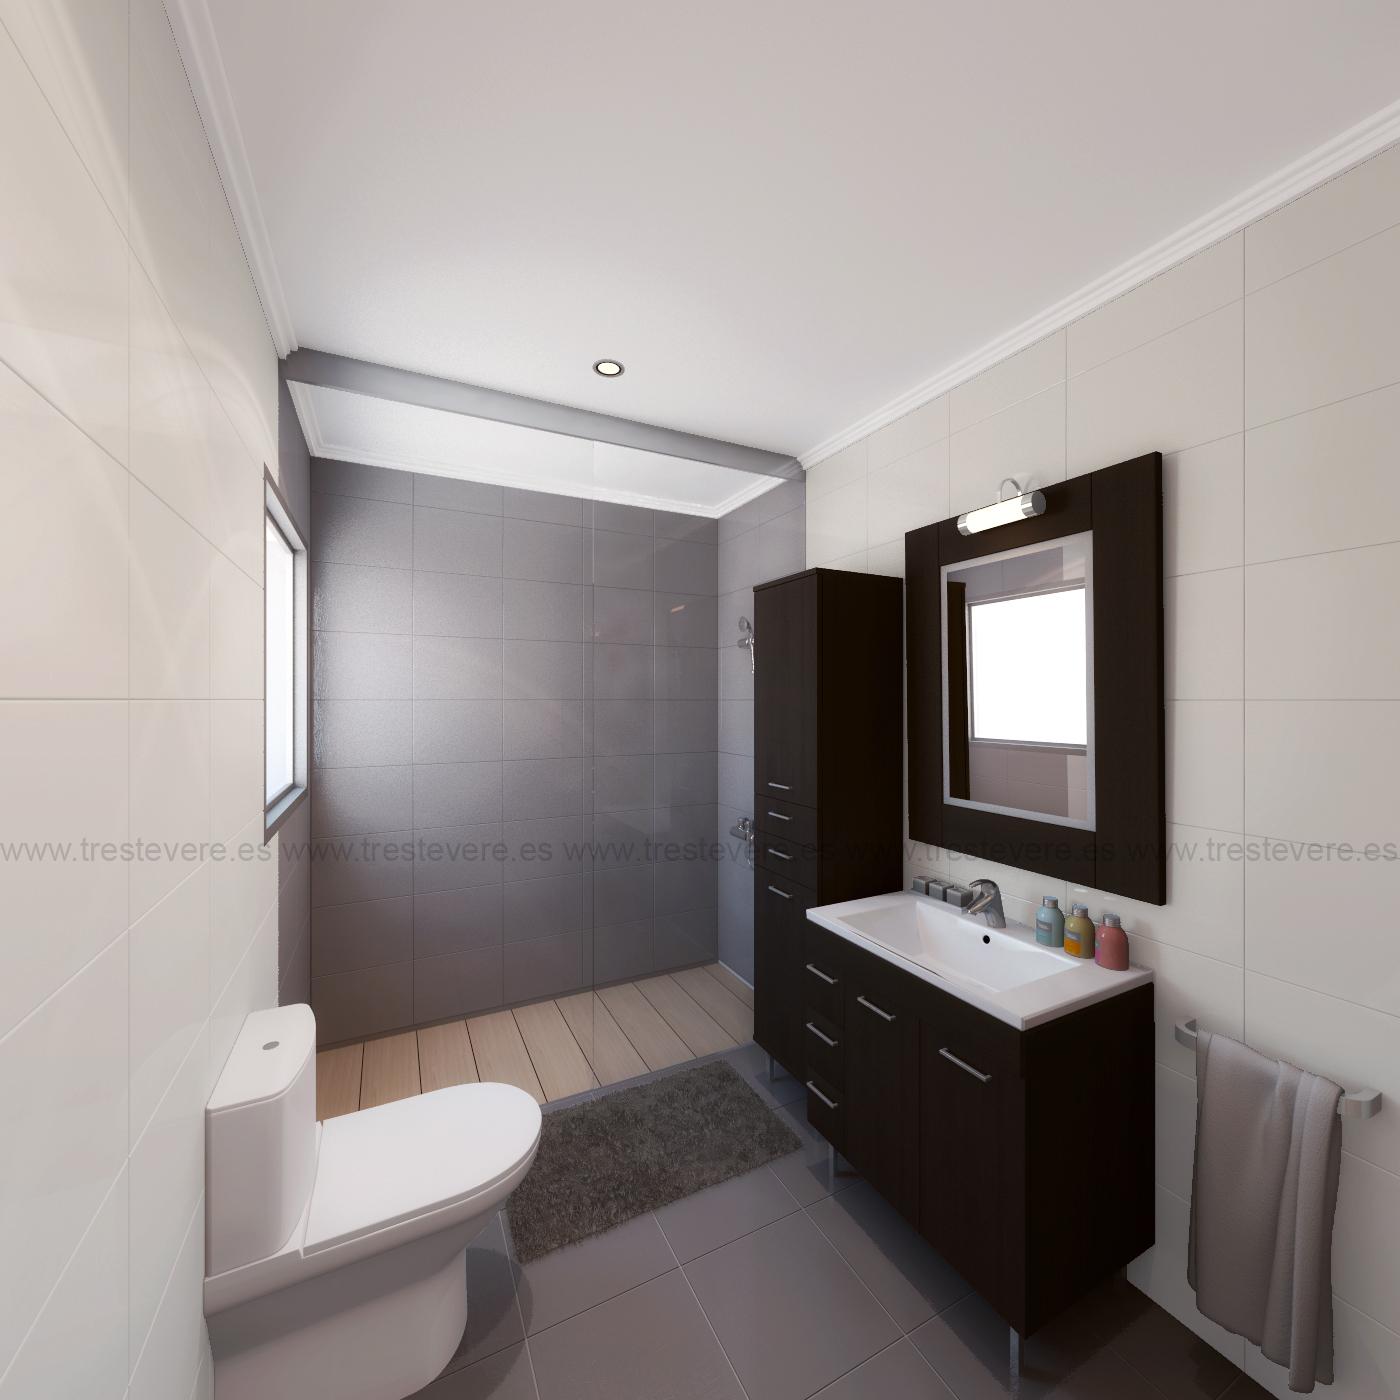 baño 3D acabado 03